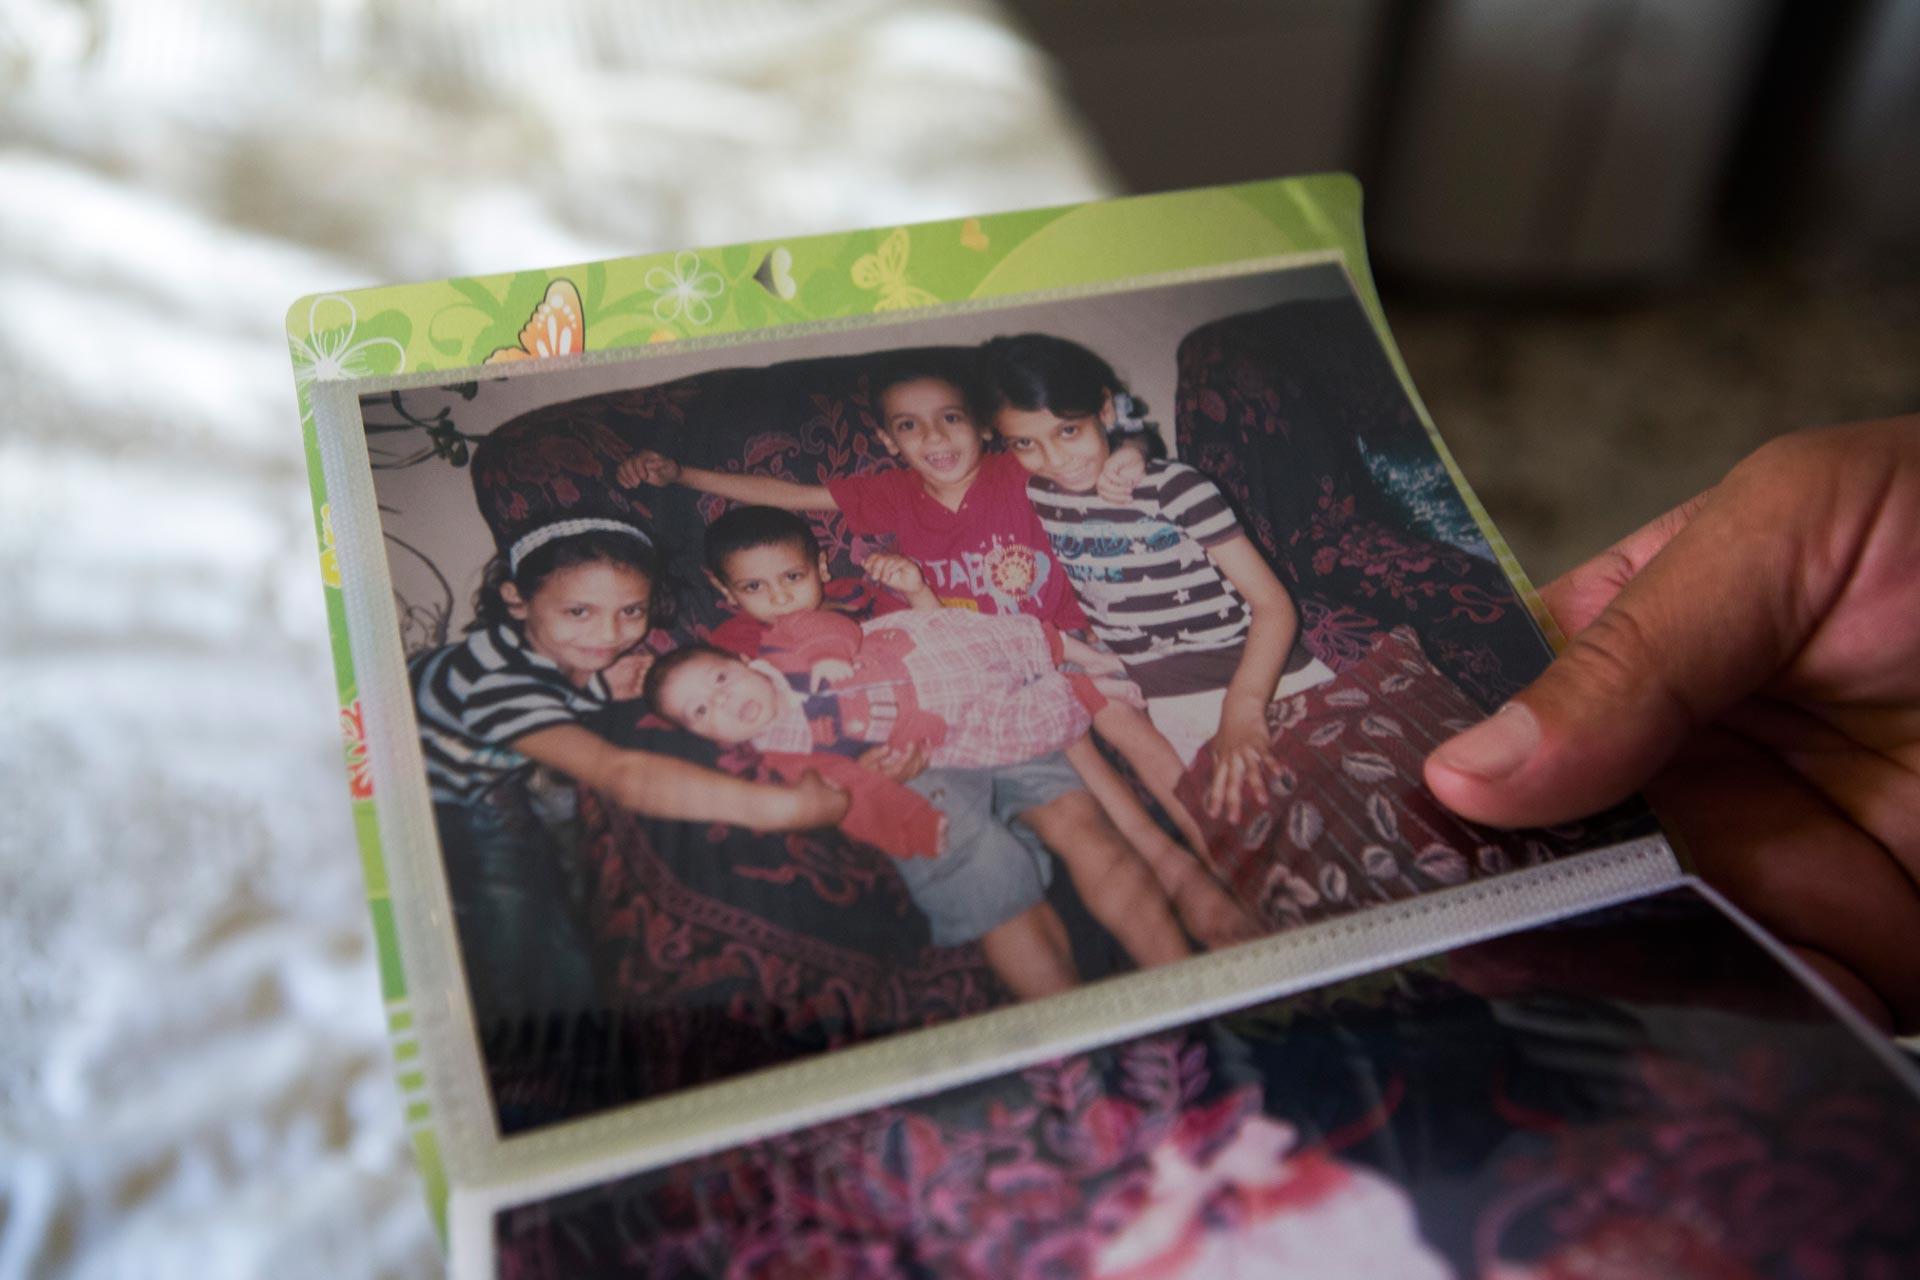 Sie hatten fünf kleine Kinder: Yassin, Sawsan, Rim, Elias und Yasser.